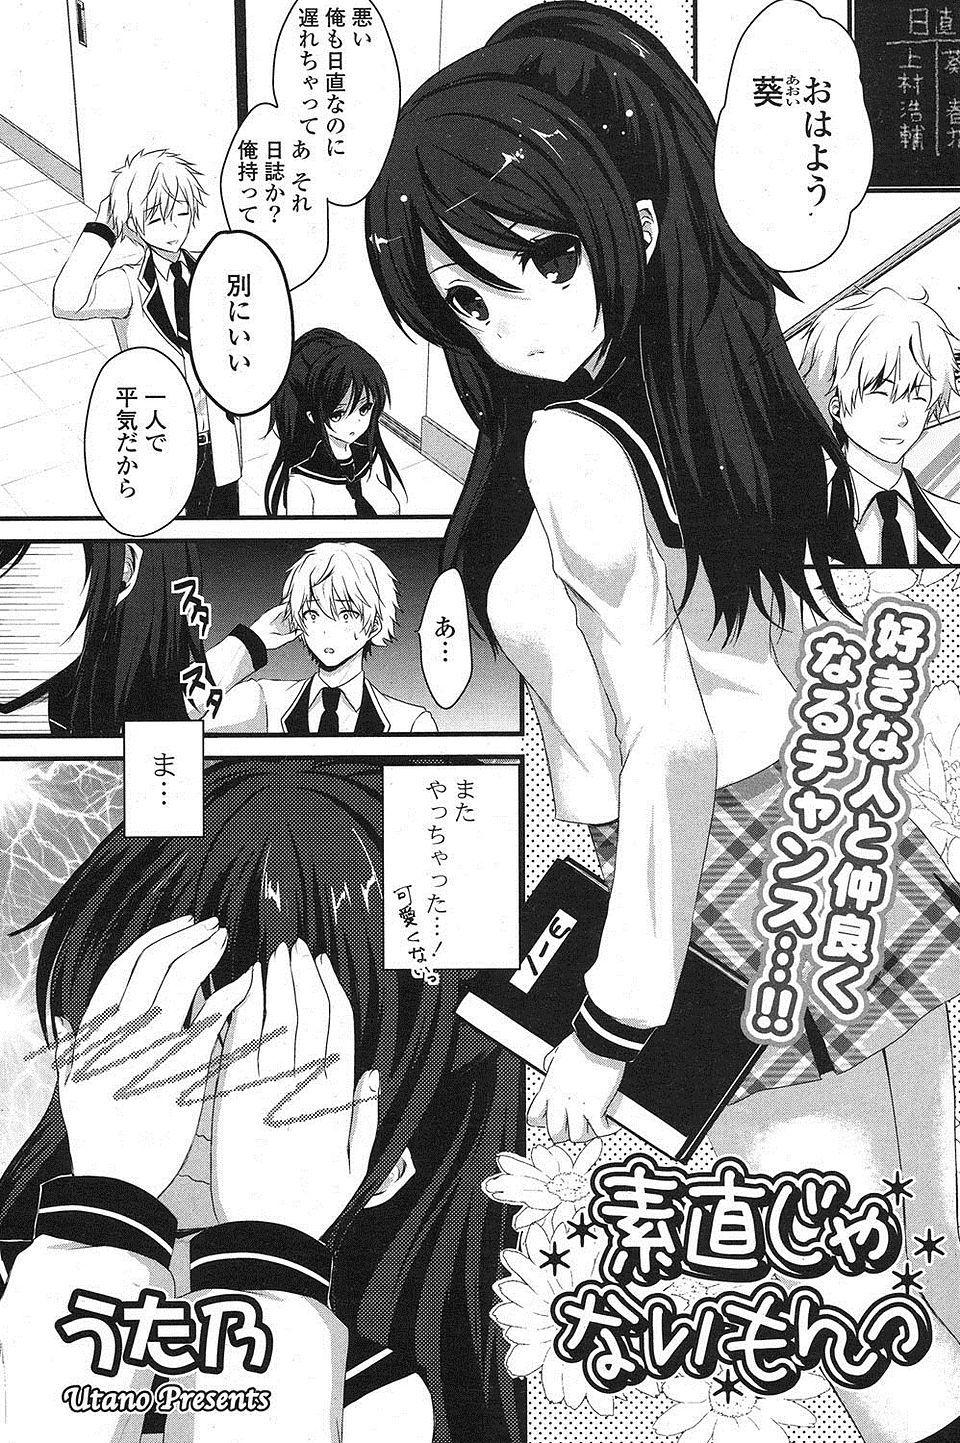 【エロ漫画・同人誌】ツンデレ女子が好きな男子に口では好きではないと言いながら密室でセックス♪